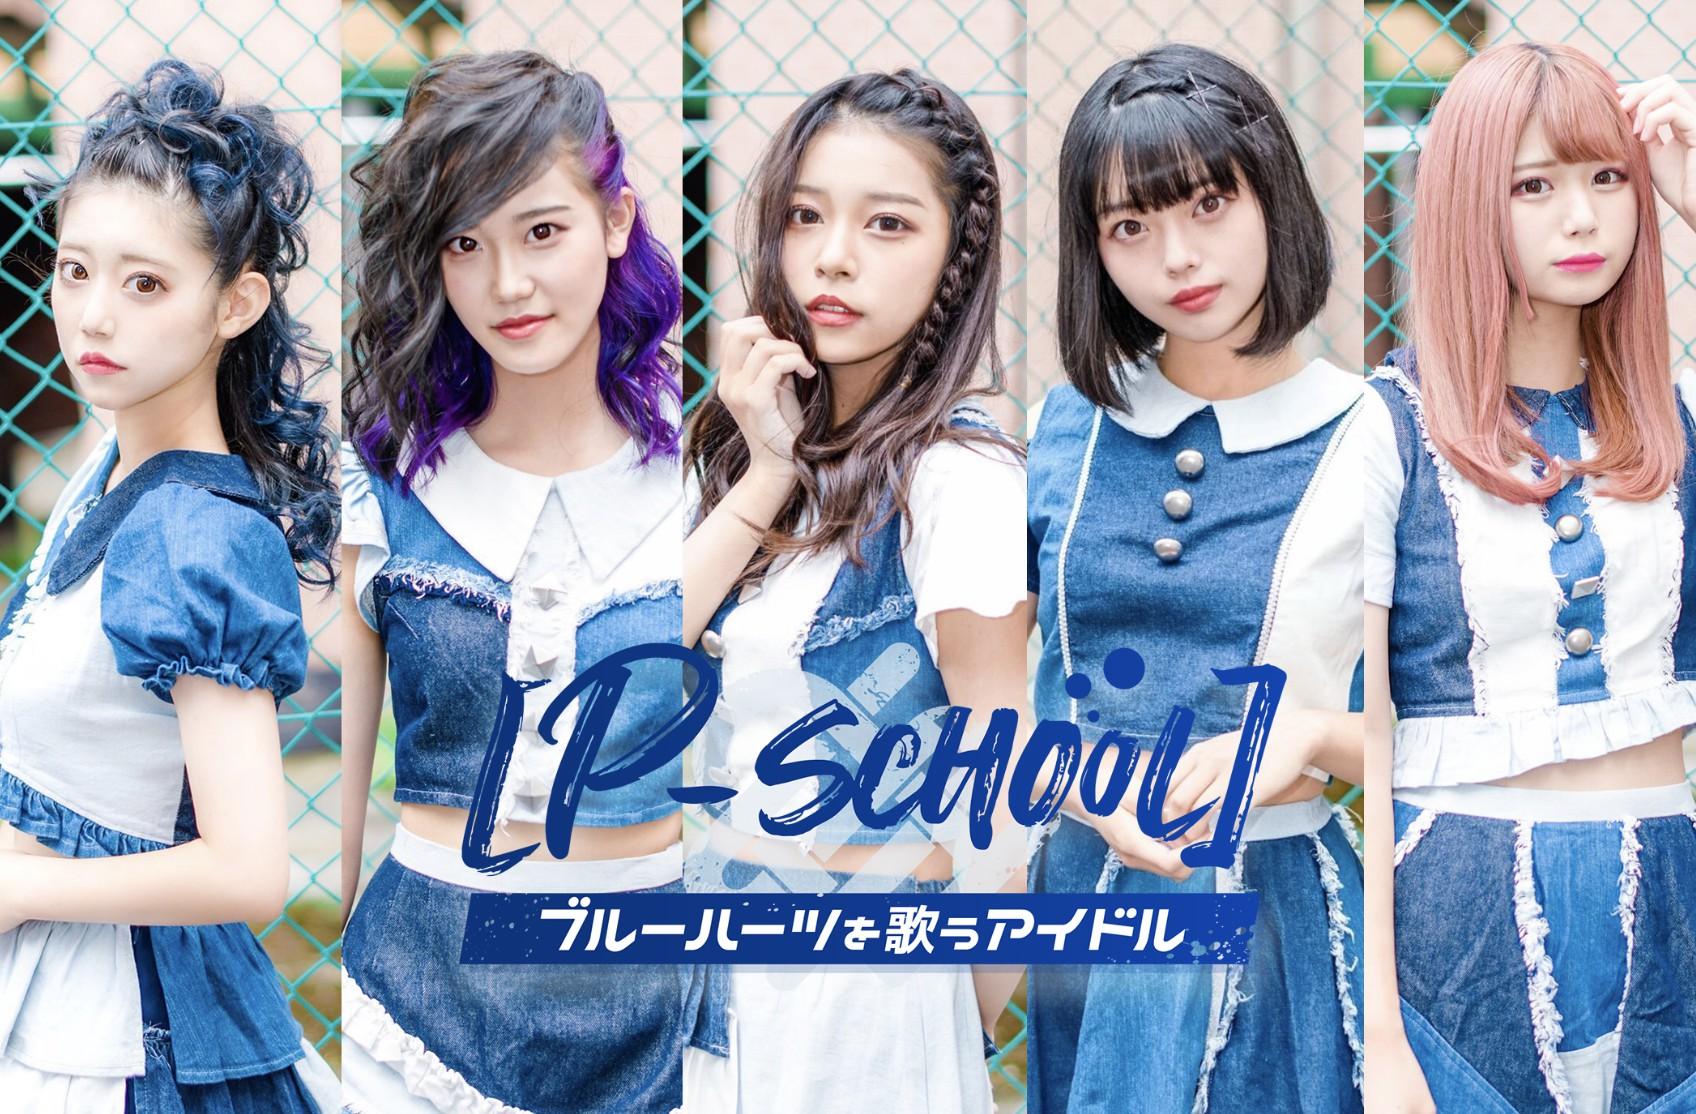 ブルーハーツを歌うアイドル【P-school】が無料ワンマン開催!!